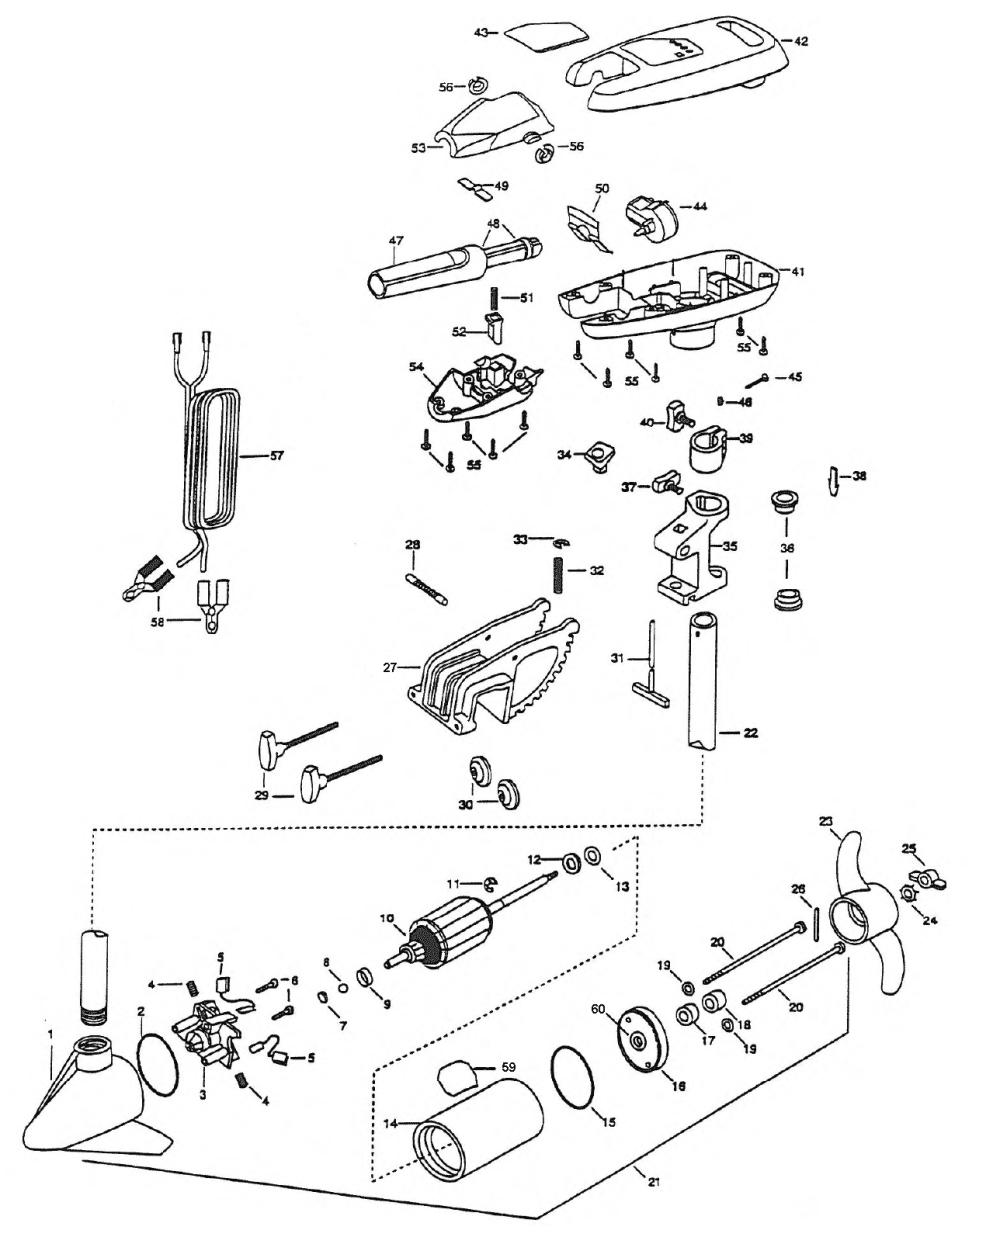 medium resolution of minn kotum talon wiring diagram